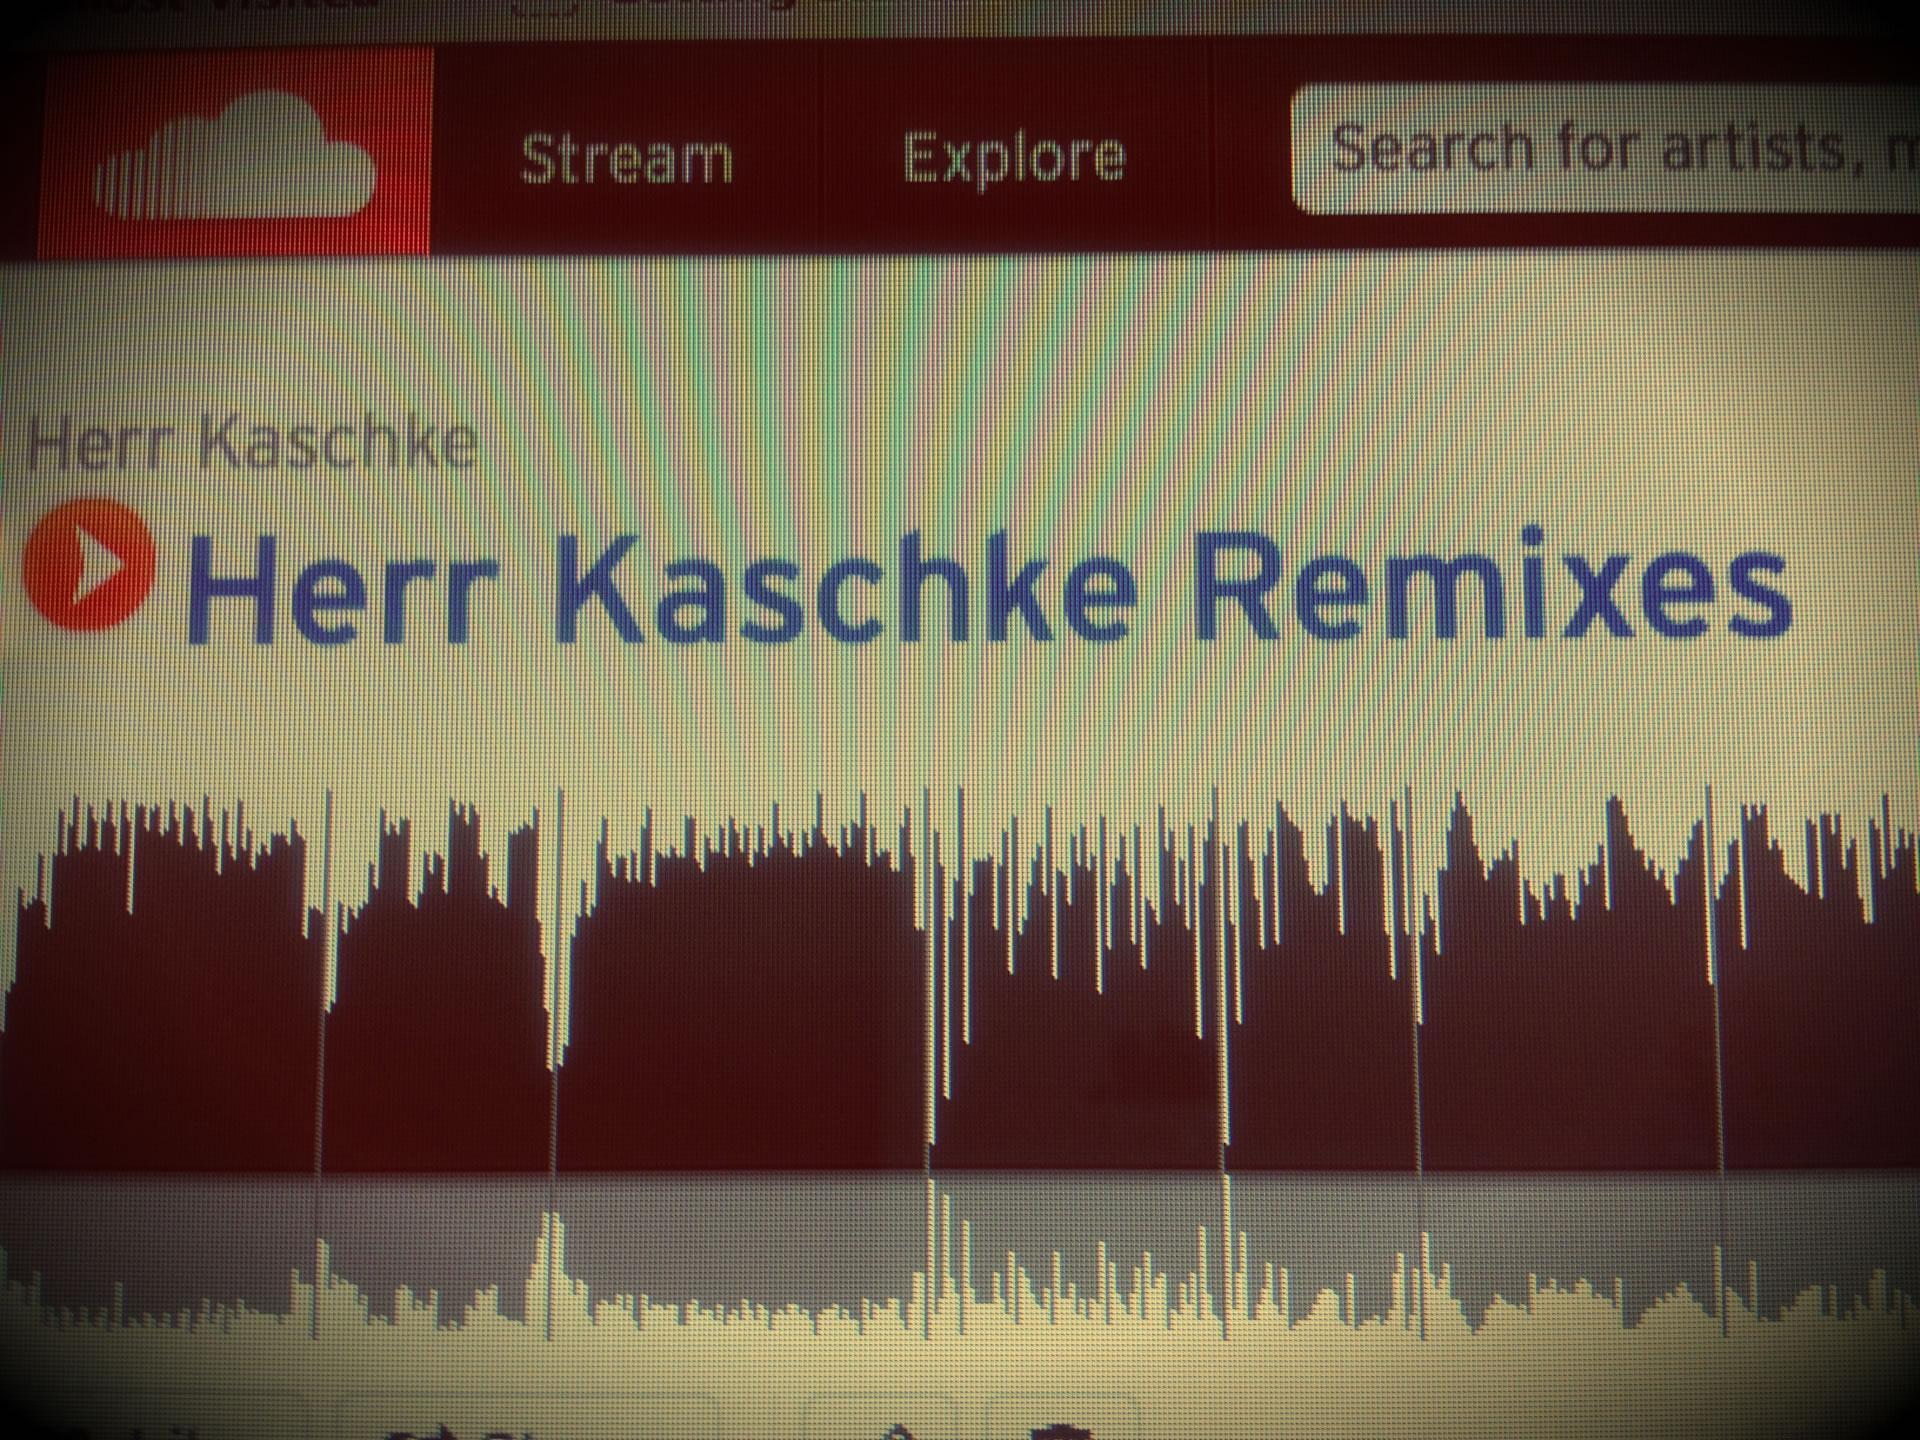 Happy Weihnachtraeglichen RemiX-mas Download